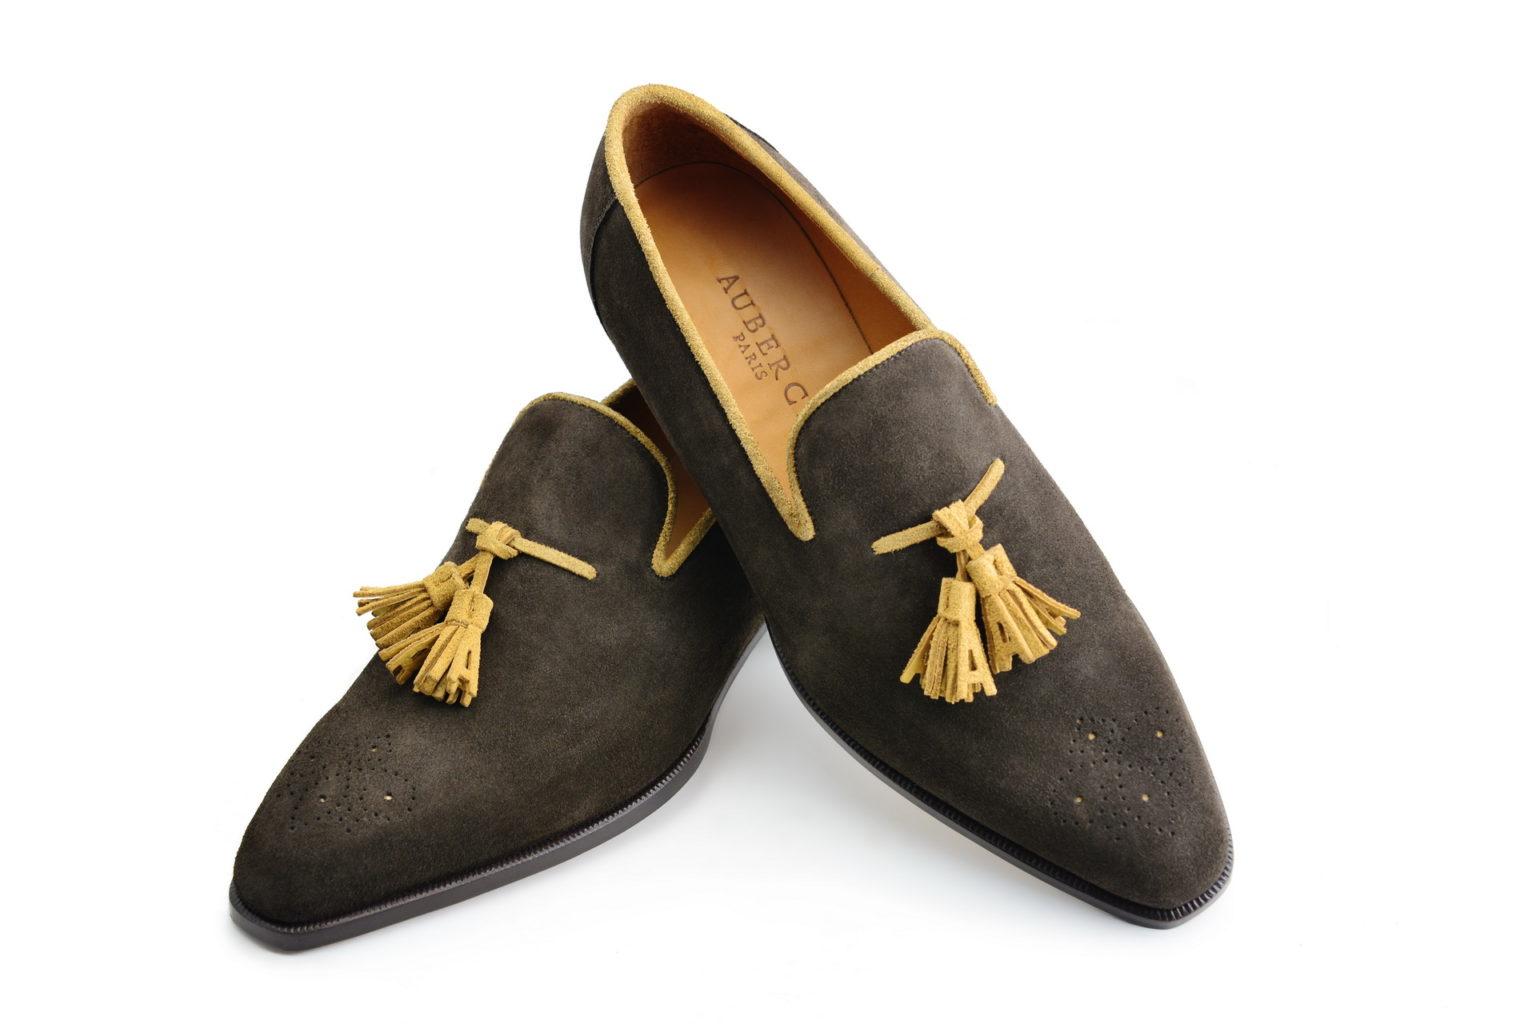 Le mocassin loafer Solal en daim marron et pompons champagne